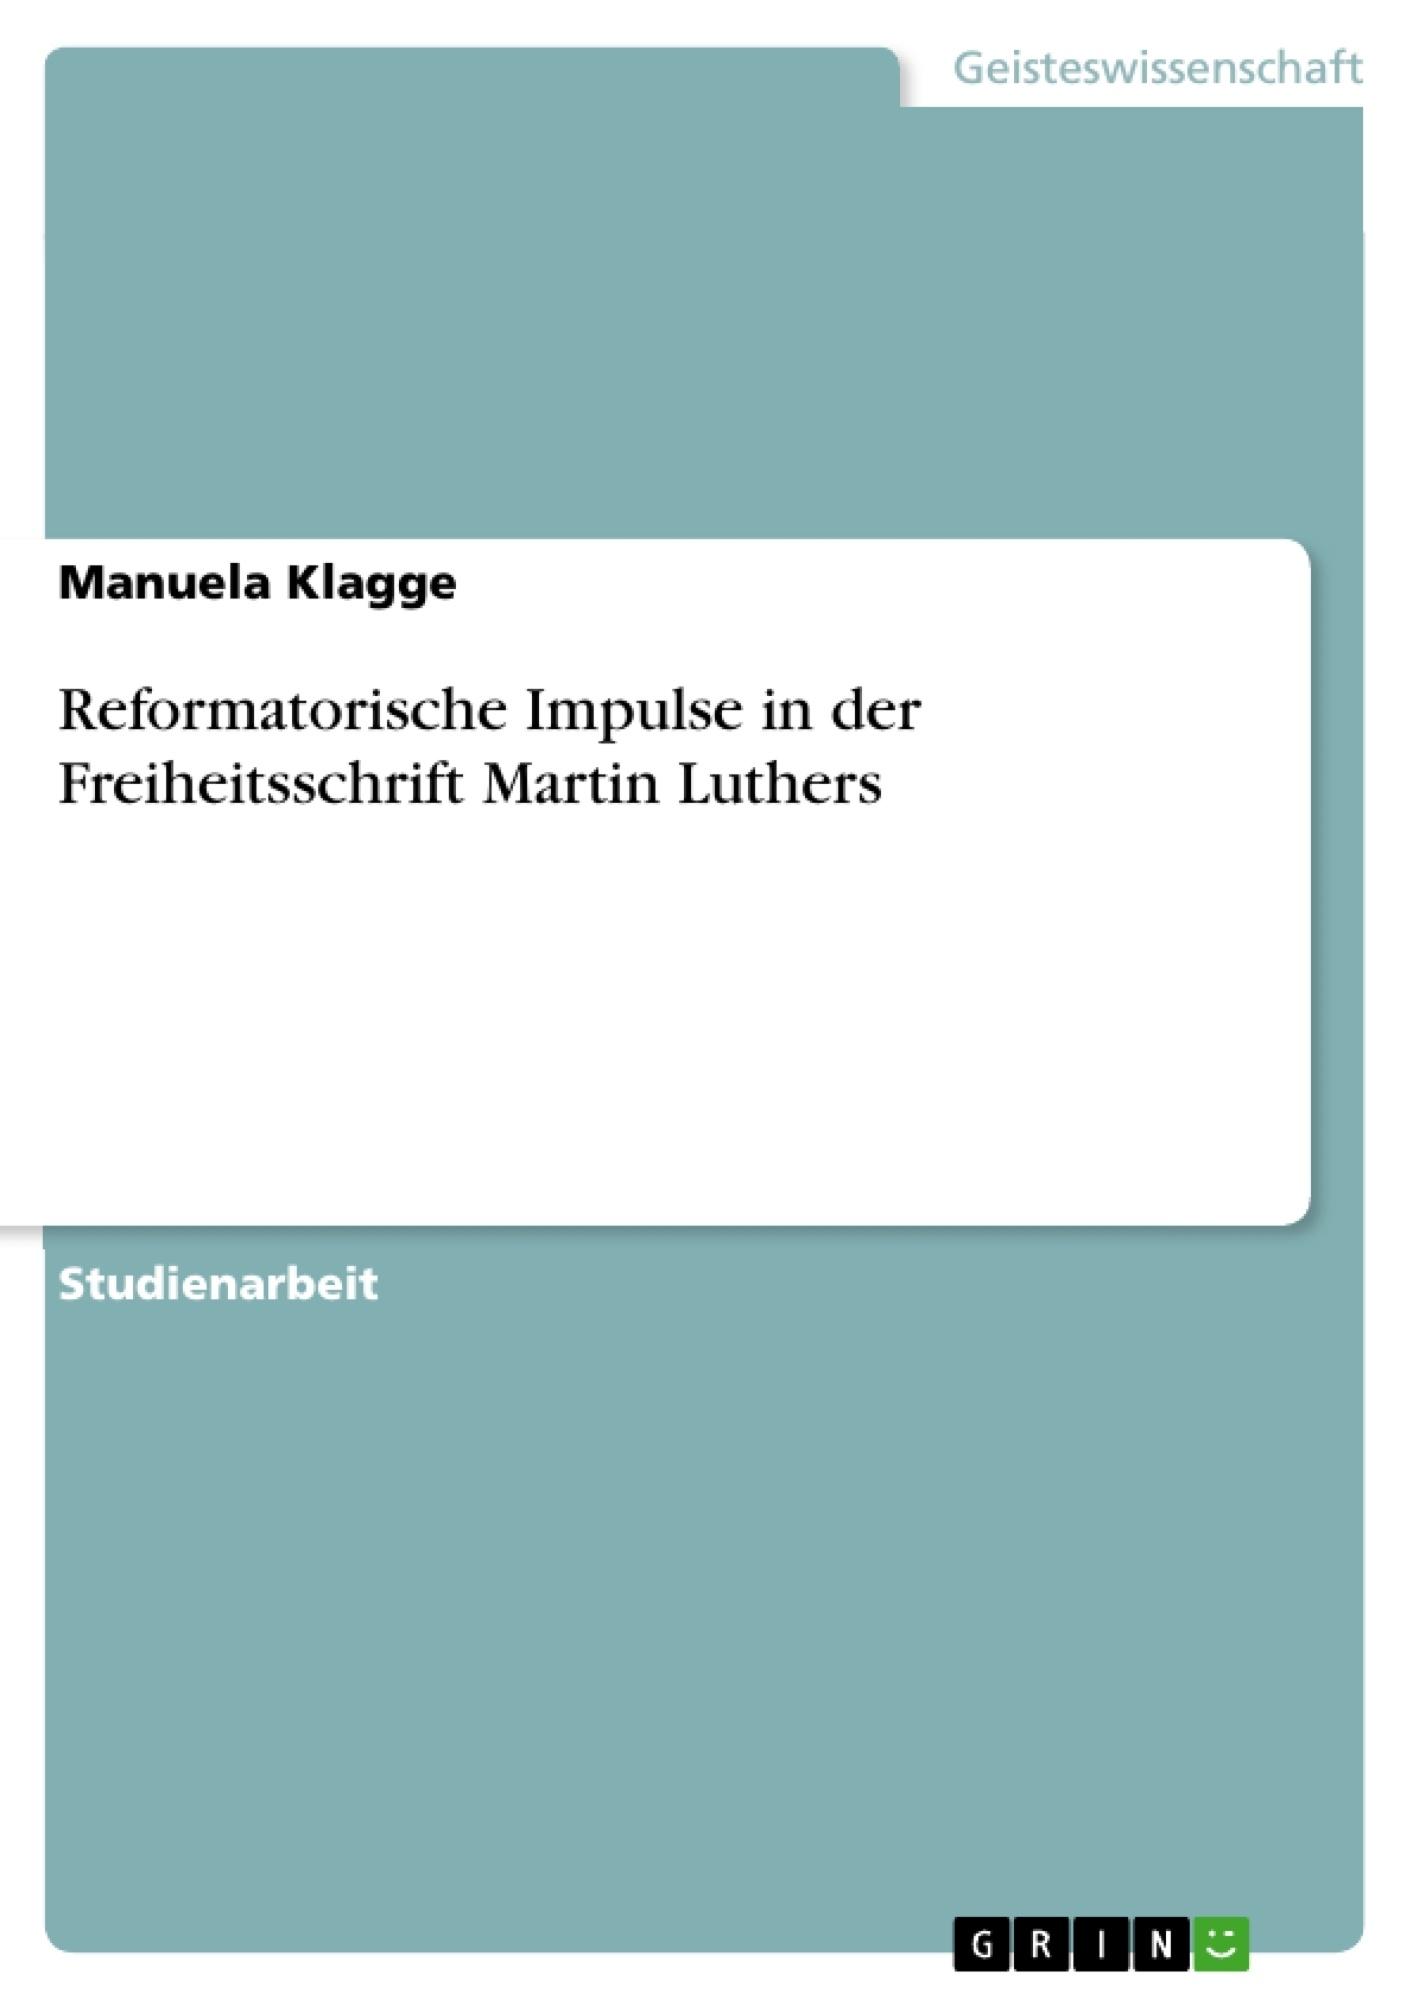 Titel: Reformatorische Impulse in der Freiheitsschrift Martin Luthers